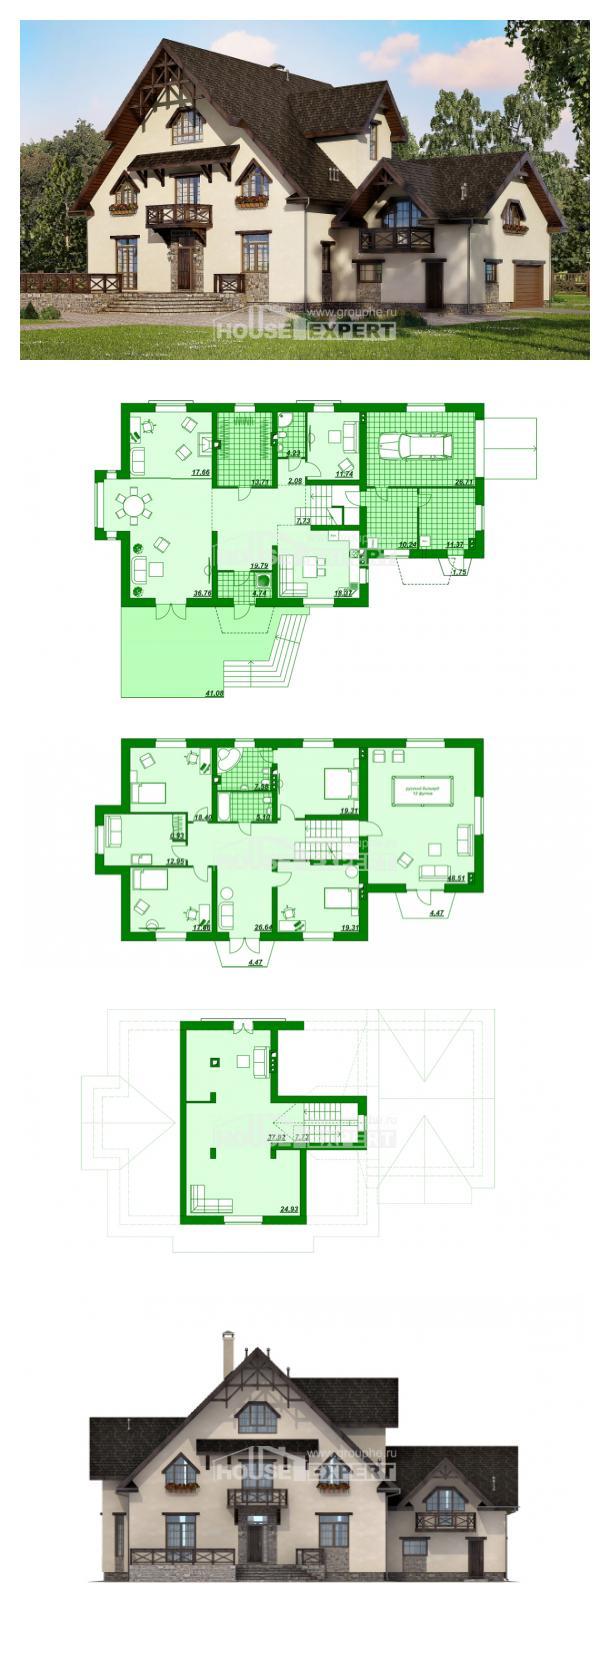 Proyecto de casa 435-002-R | House Expert